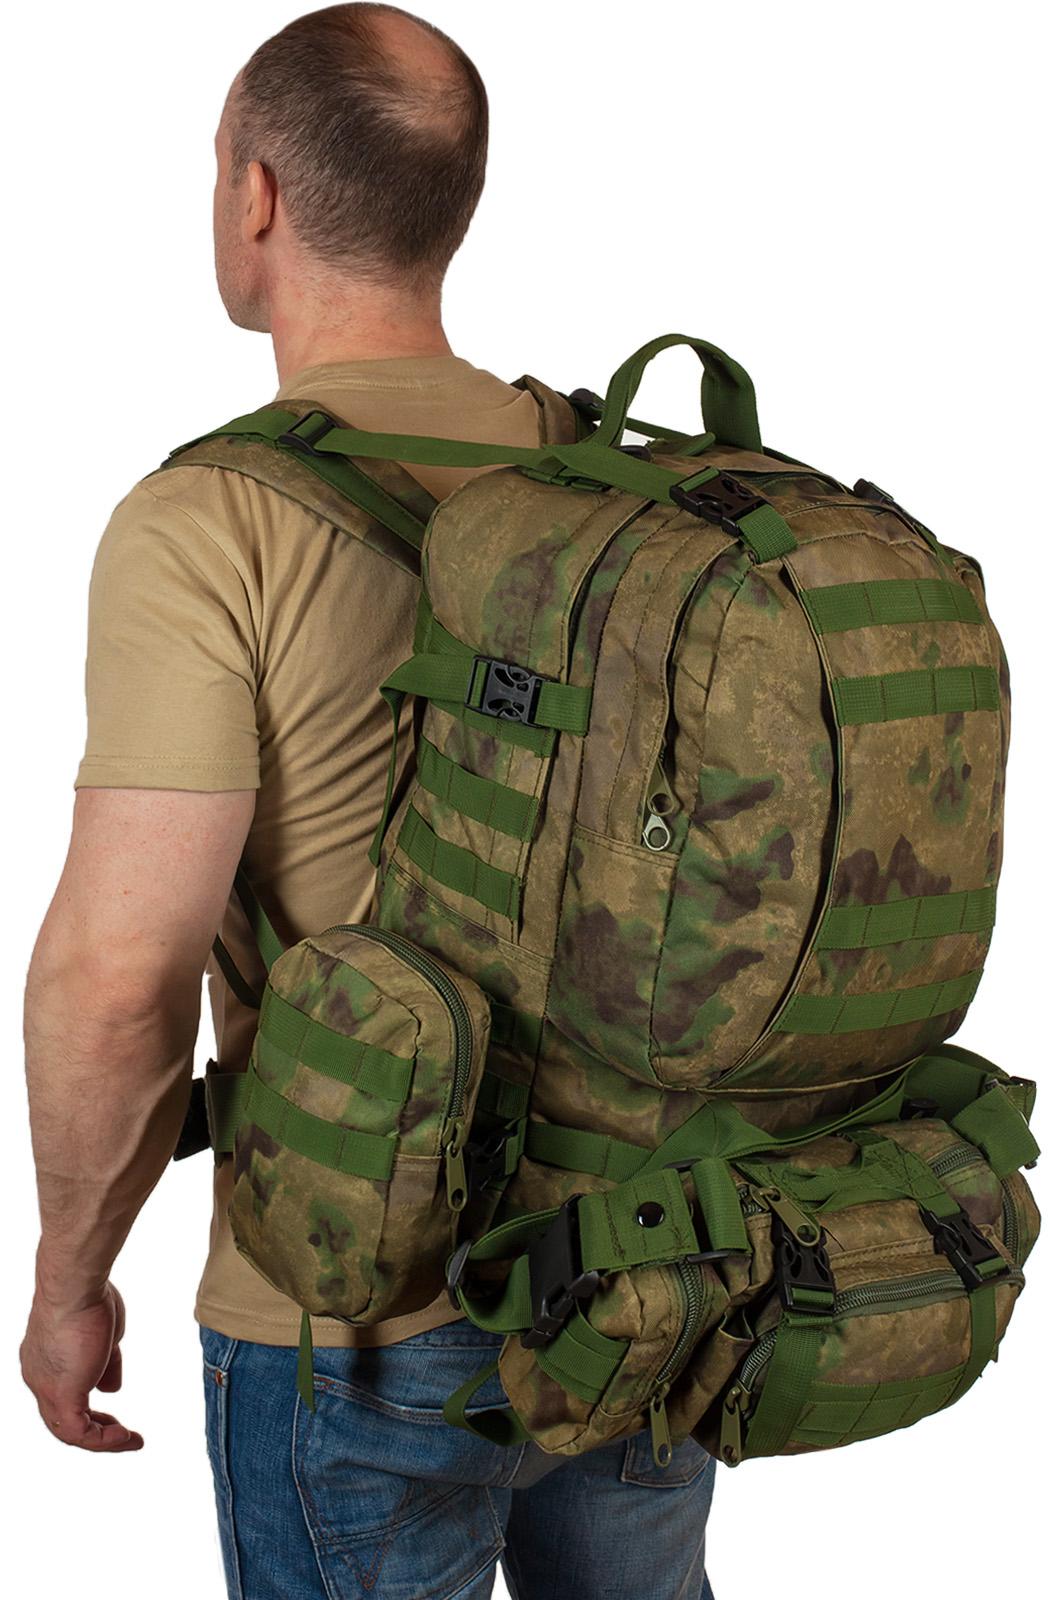 Большой тактический военный рюкзак для полевых условий с доставкой по России